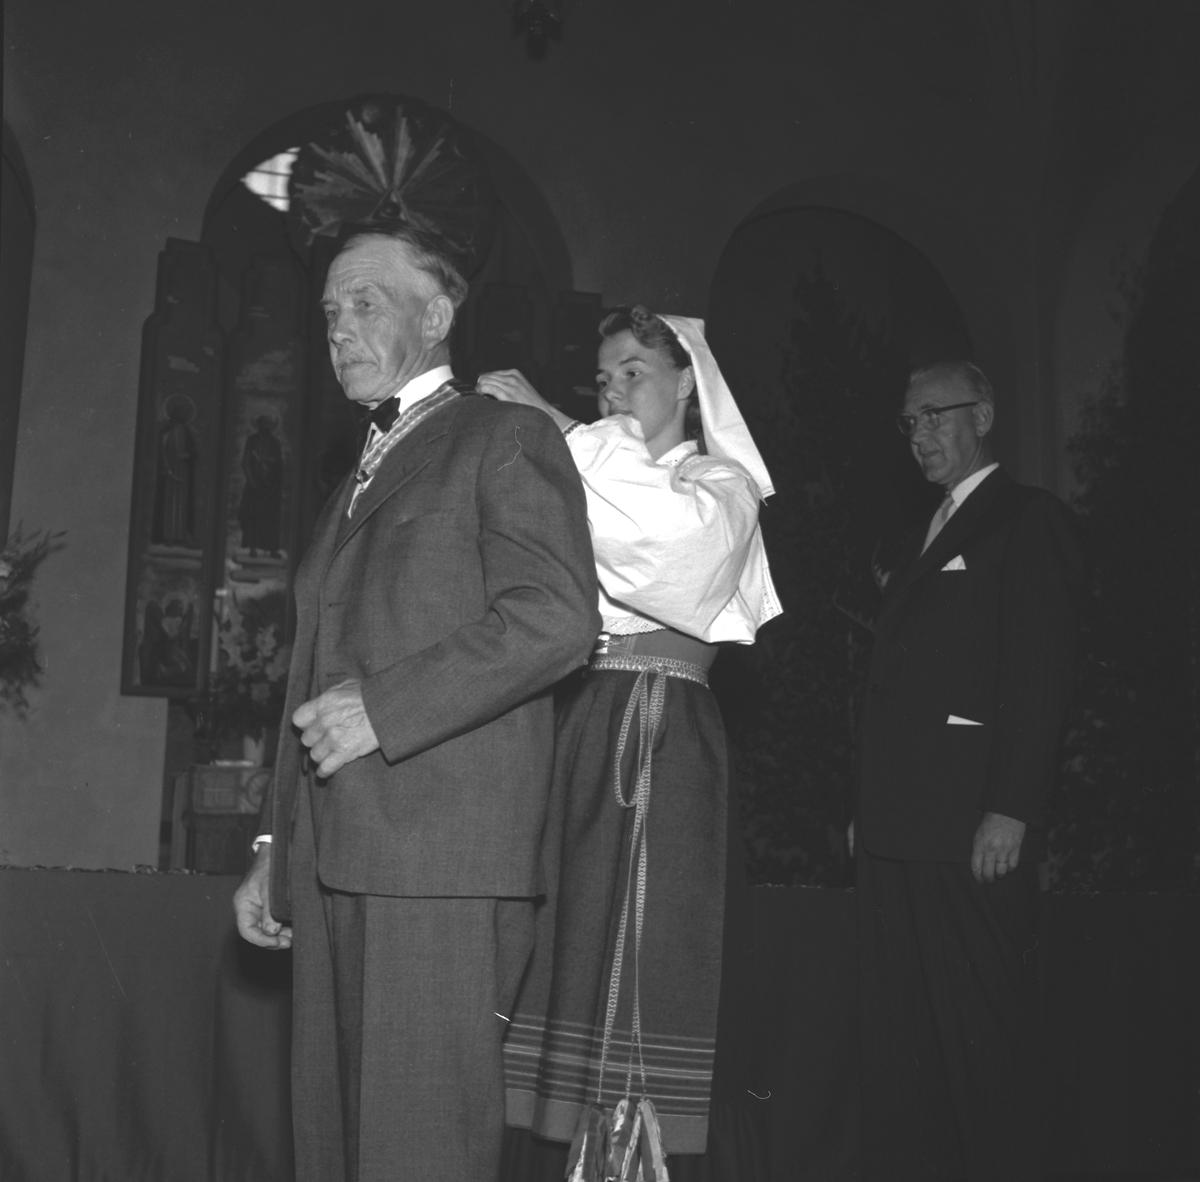 Medaljutdelning i Staffans kyrka, Brynäs. 100-årsjubileum. 1855-1955. Korsnäs AB.